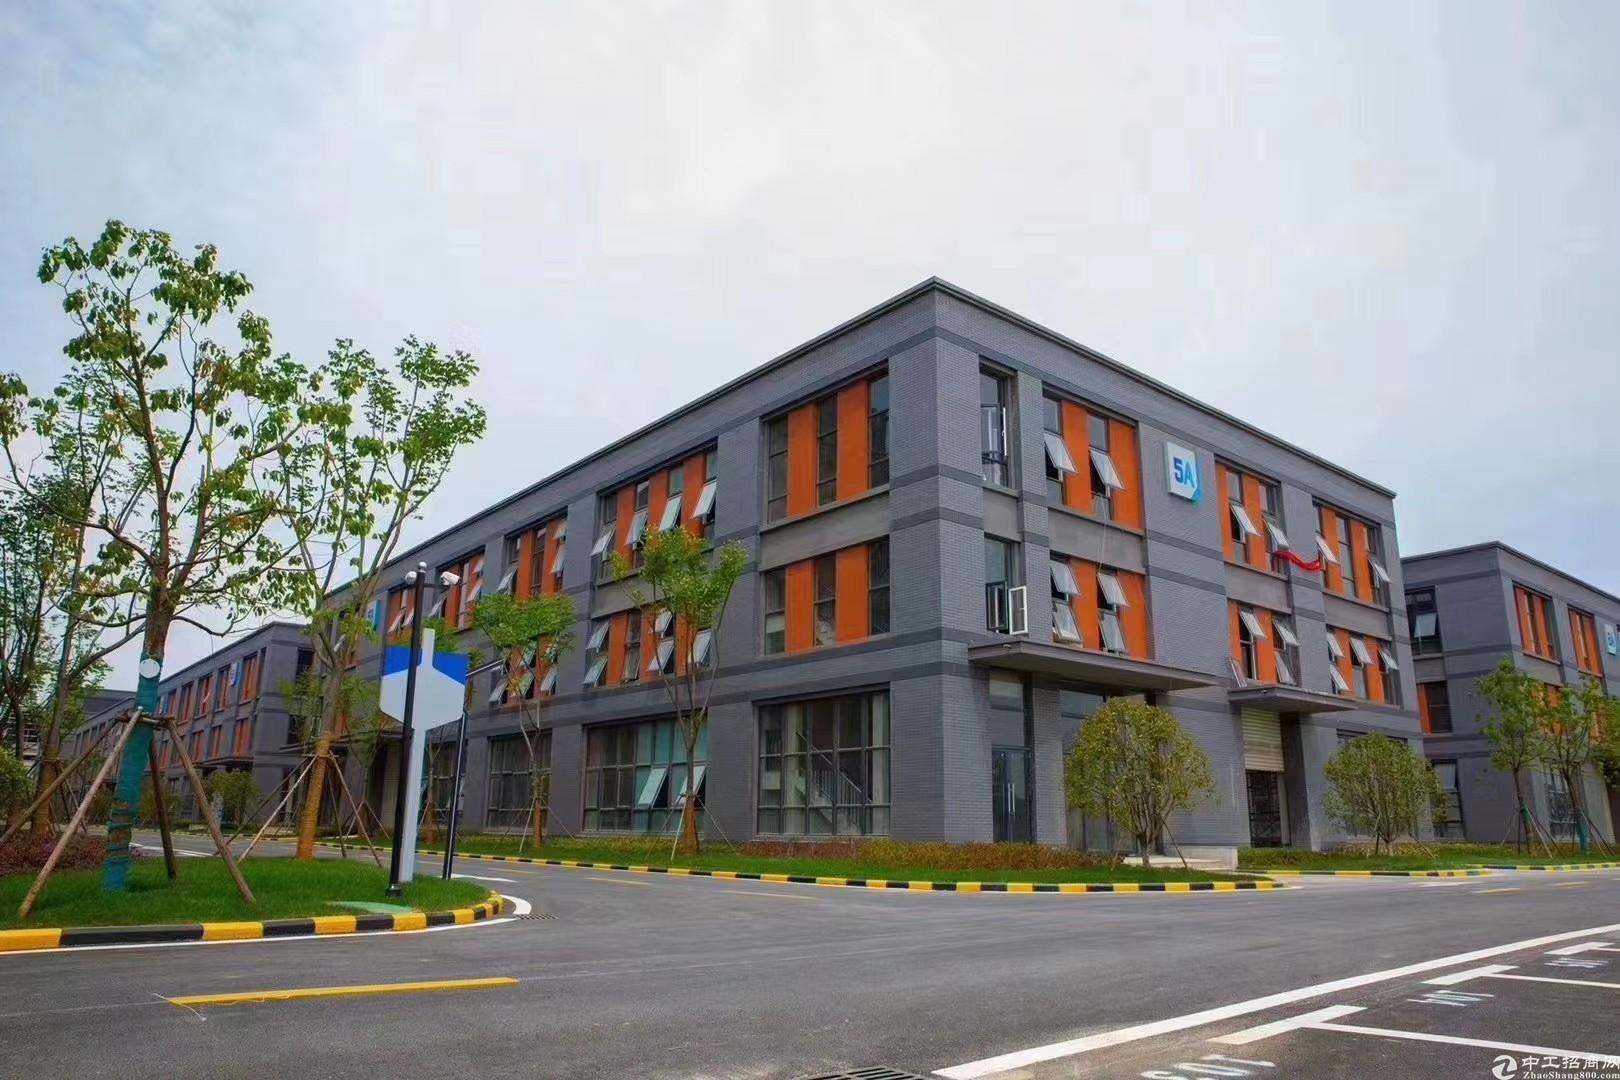 三层独栋首层8.1米可架行车品牌开发商交通物流方便